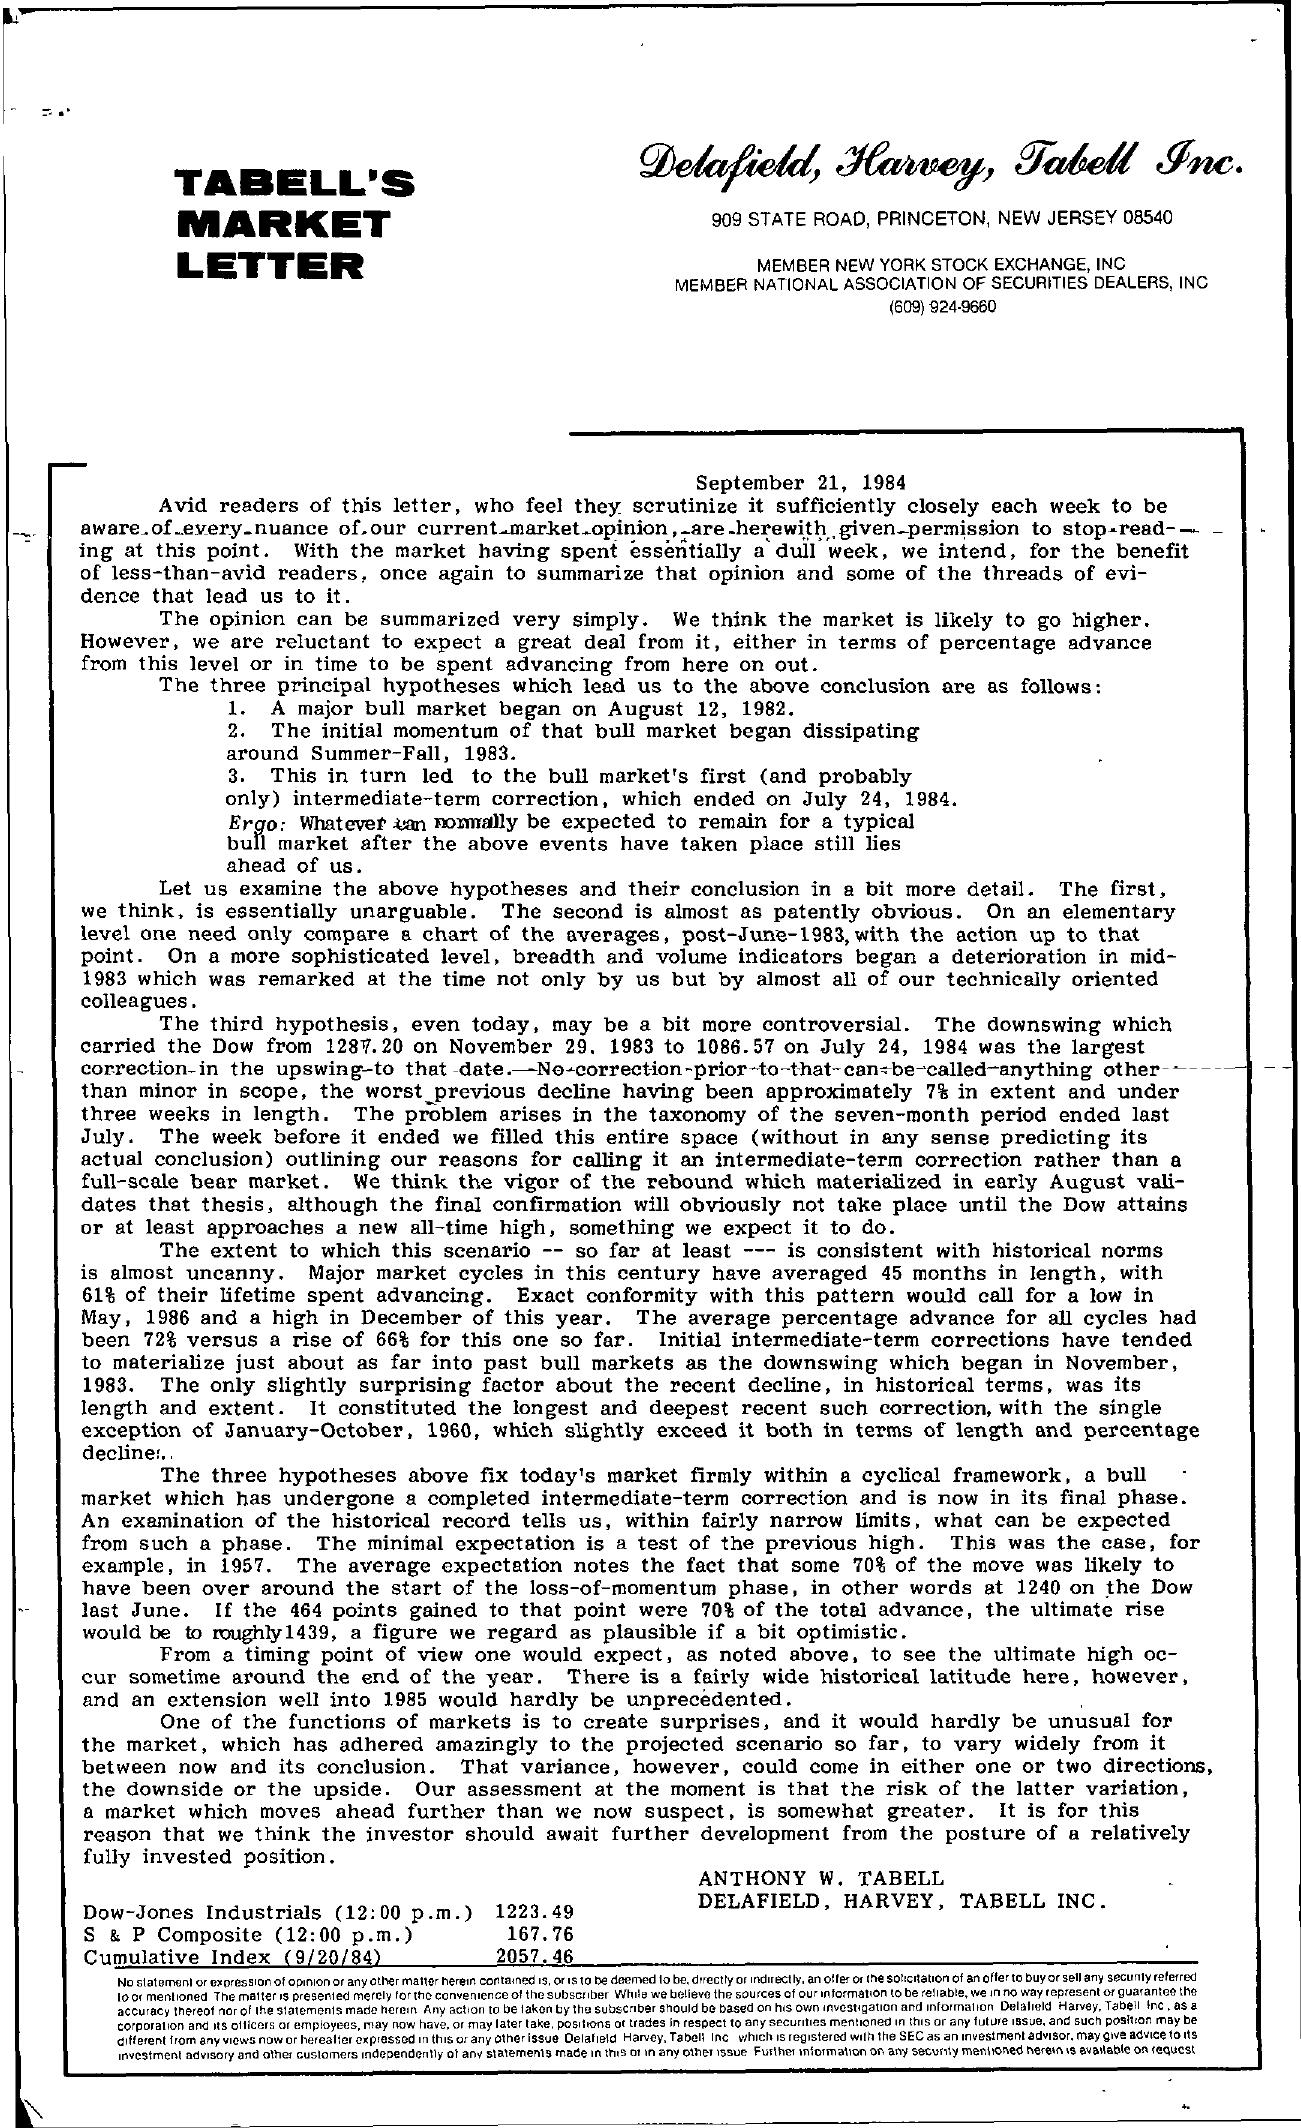 Tabell's Market Letter - September 21, 1984